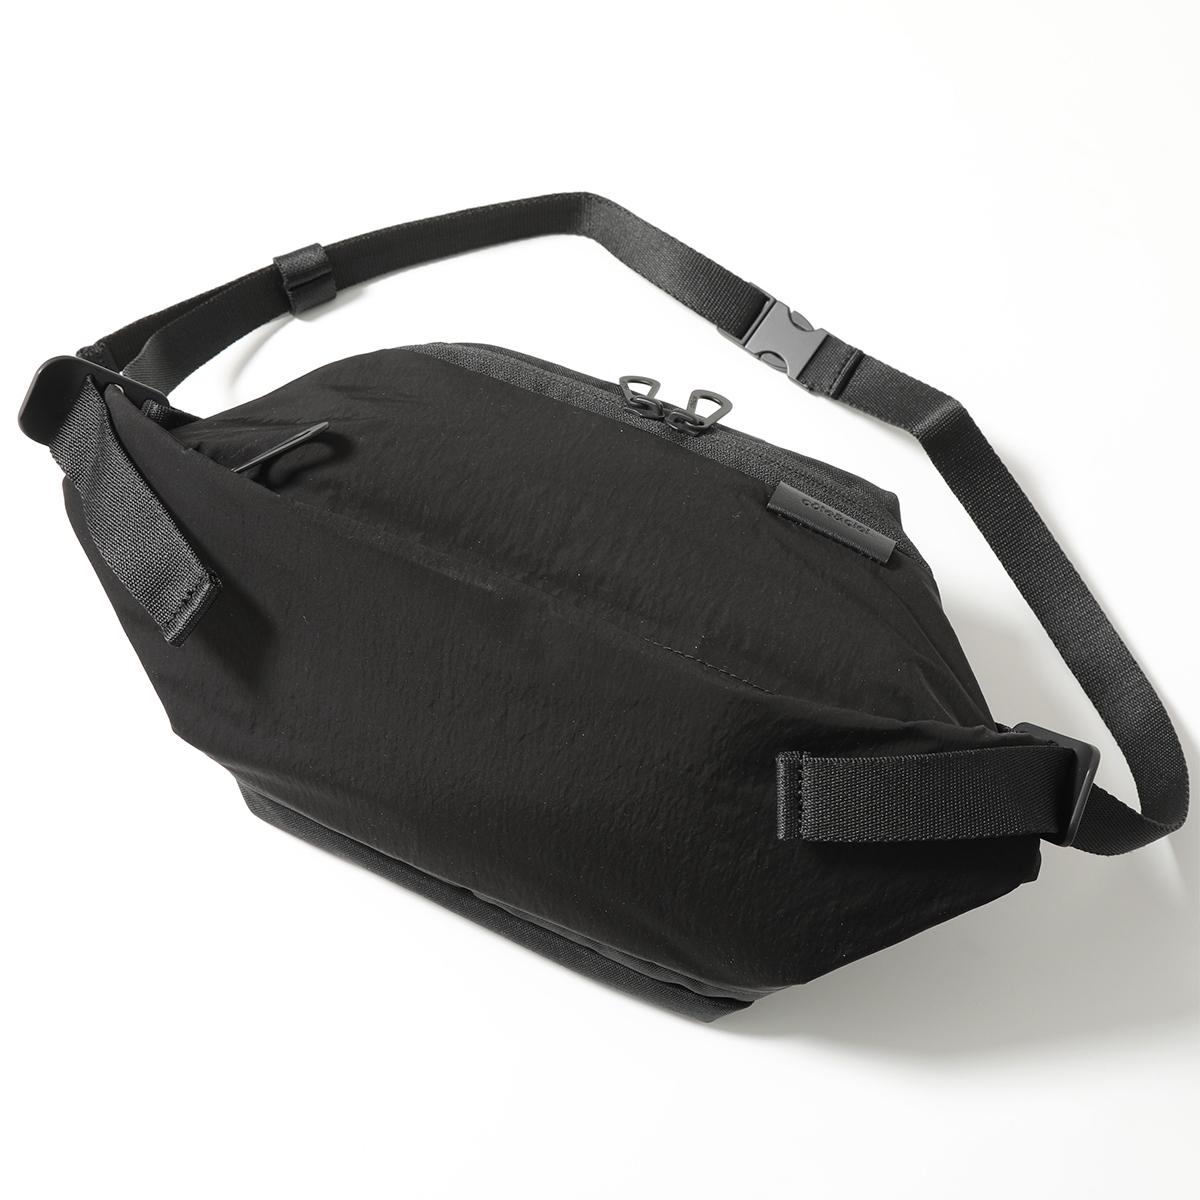 【エントリーでポイント最大13倍!10日21時~23時59まで】Cote&Ciel コートエシエル 28719 Isarau Small Memory Tech ボディバッグ ウエストポーチ BLACK ユニセックス 鞄 メンズ レディース